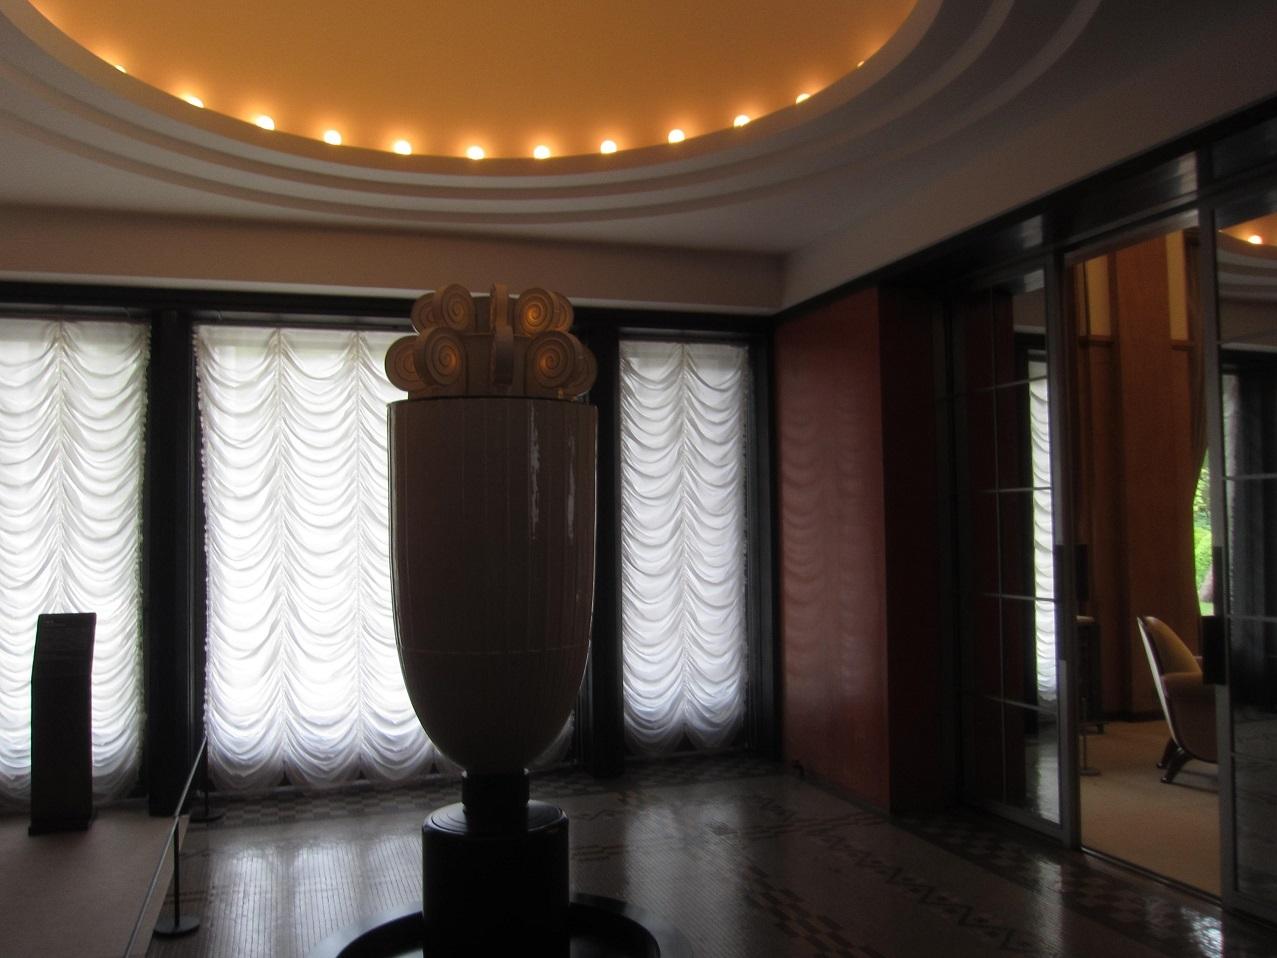 東京都庭園美術館「アール・デコの邸宅美術館」_e0344611_11415153.jpg